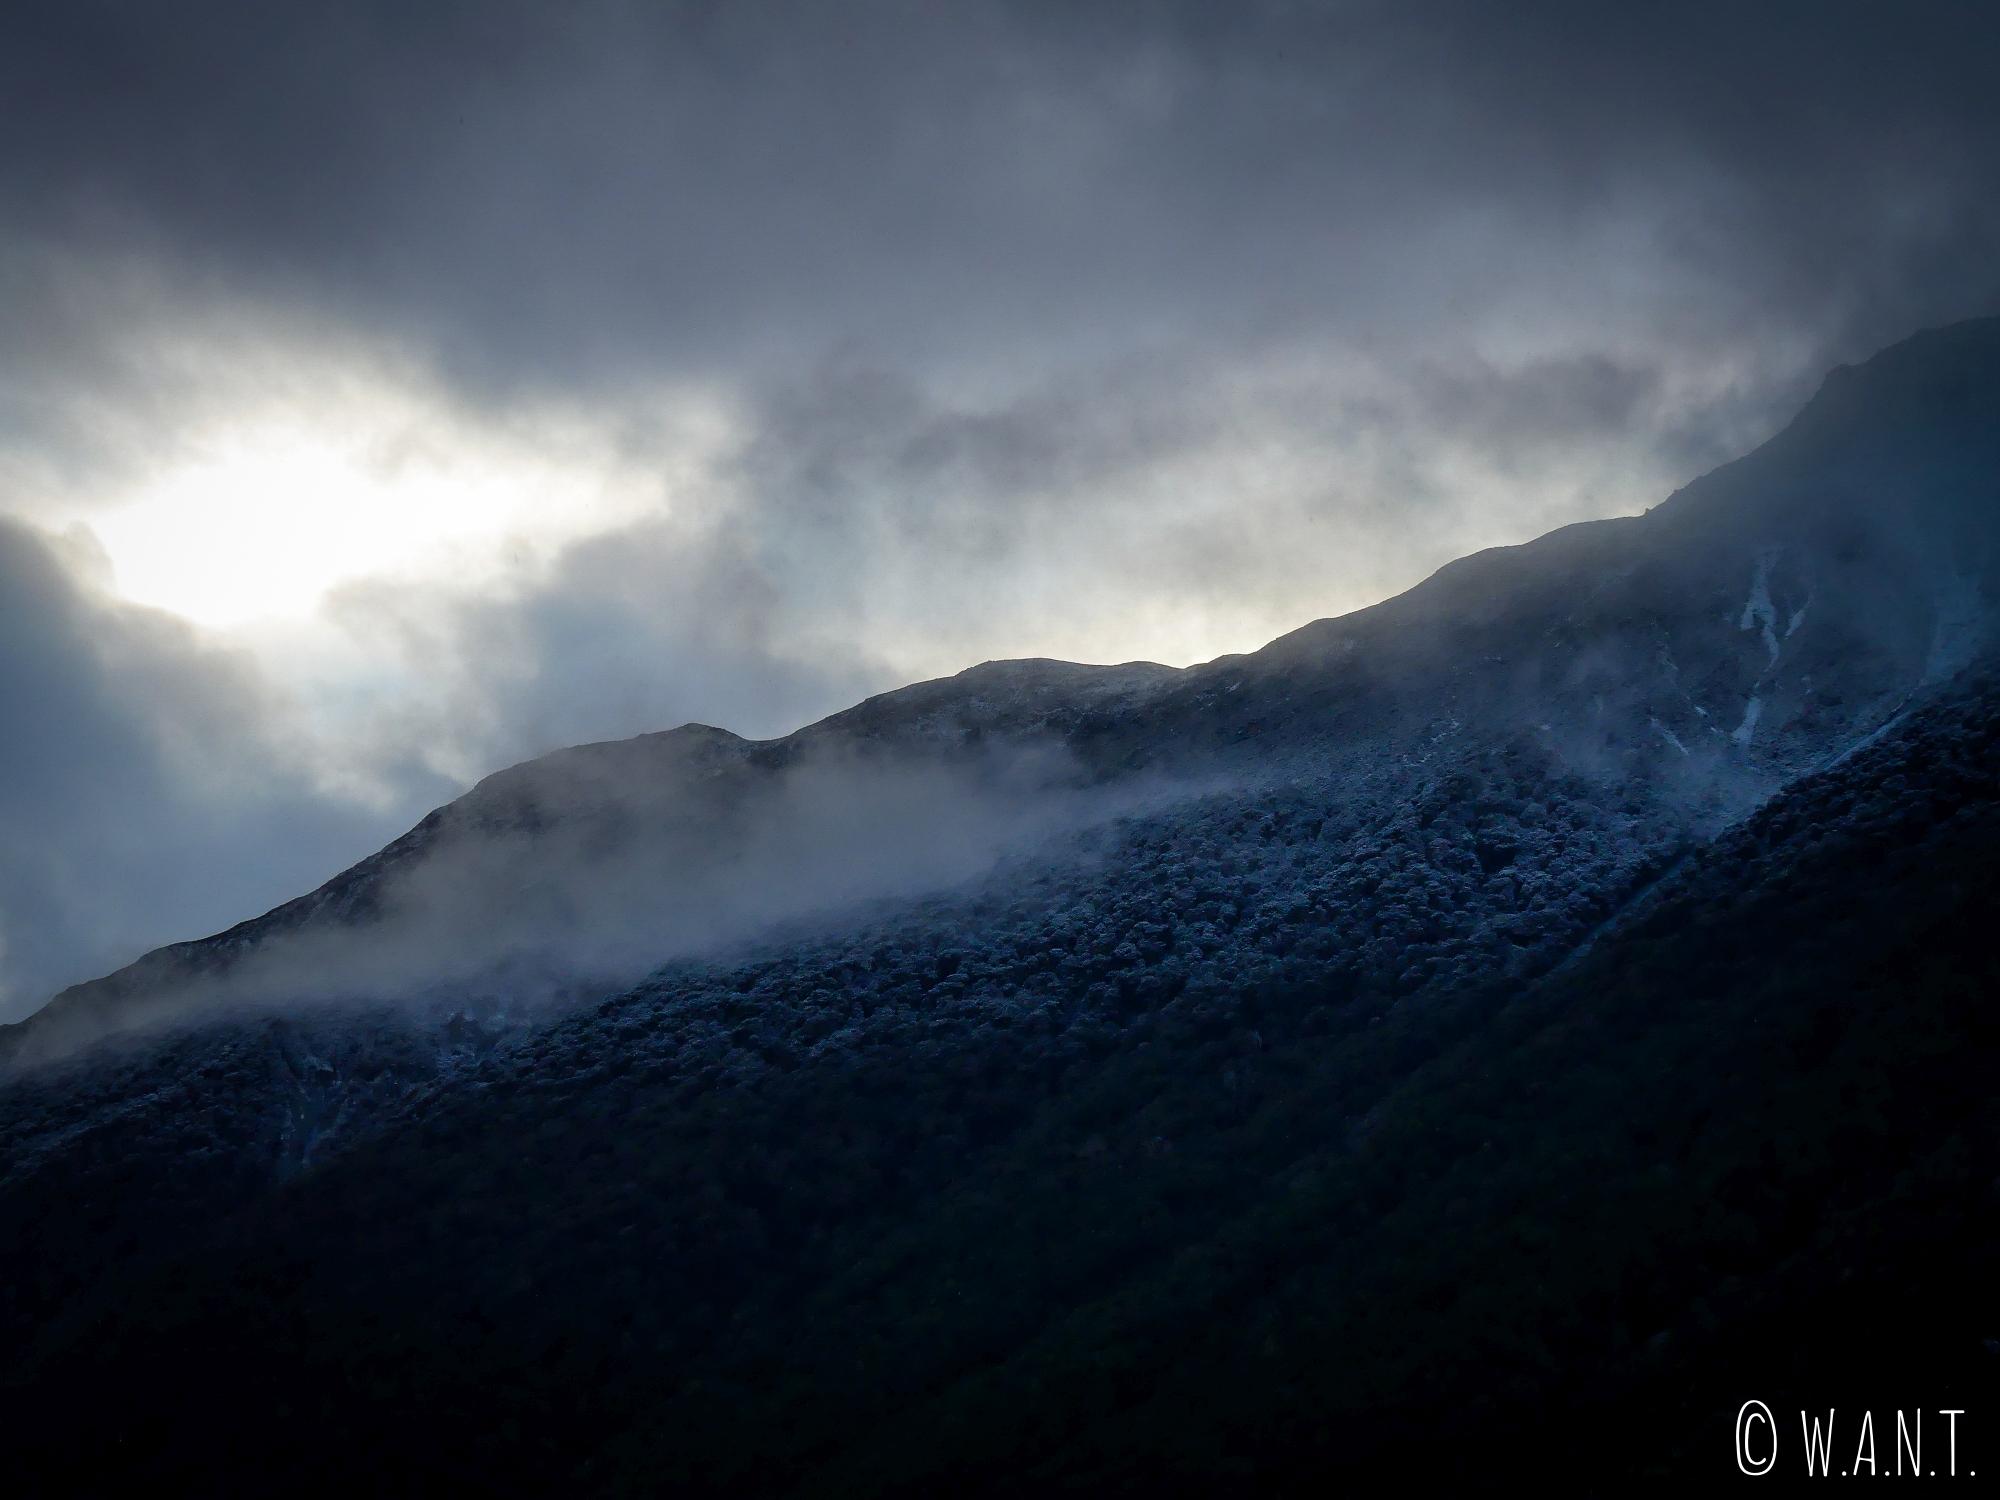 Le brouillard entoure les sommets qui encerclent le Gunn Lake en Nouvelle-Zélande